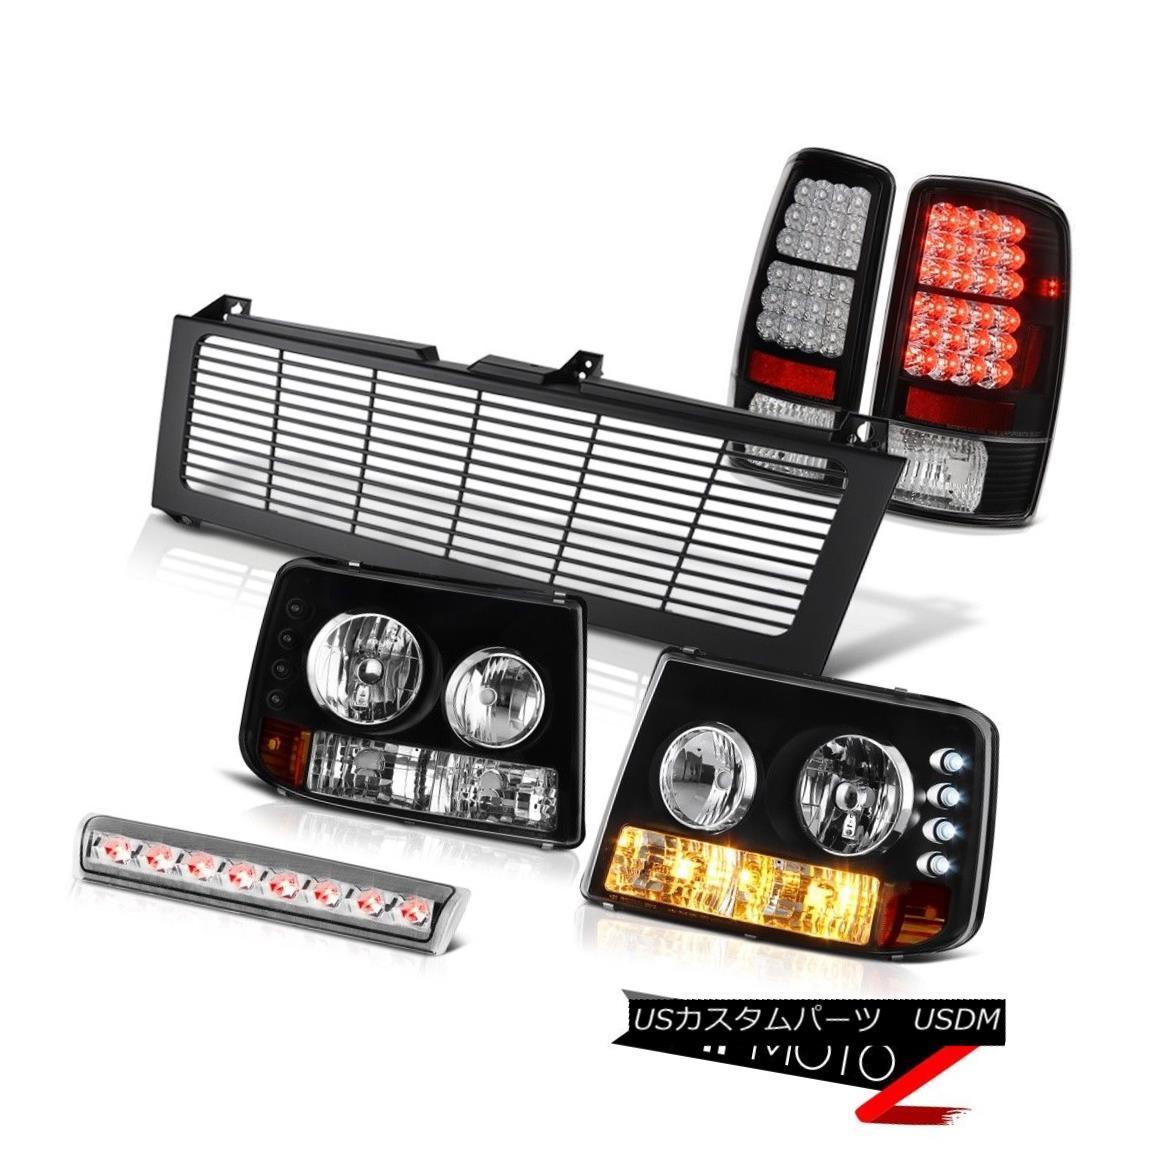 テールライト 04 05 06 Suburban 5.3L Signal Headlight Brake LED Tail Lights Third Cargo Grille 04 05 06郊外5.3LシグナルヘッドライトブレーキLEDテールライト第3カーゴグリル